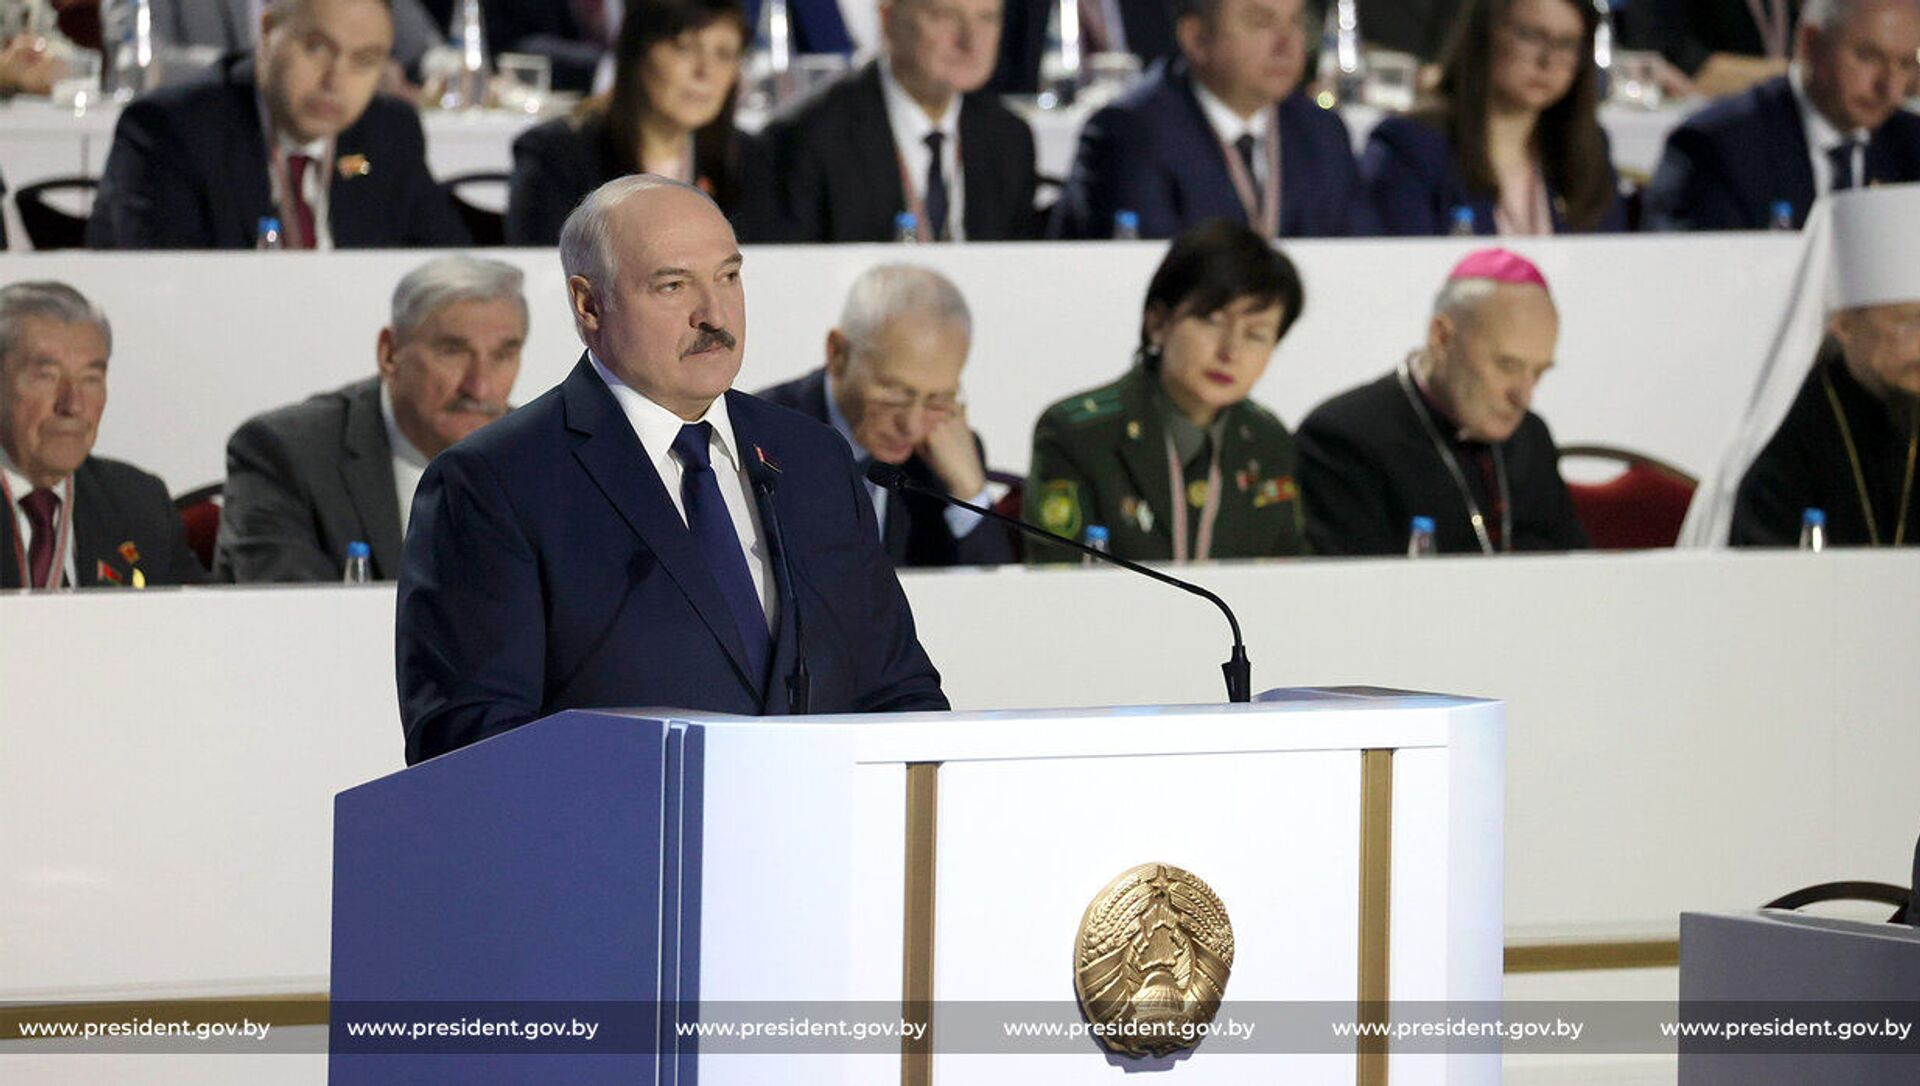 Prezydent Białorusi Aleksandr Łukaszenka na Ogólnobiałoruskim Zgromadzeniu Ludowym w Mińsku. - Sputnik Polska, 1920, 19.03.2021